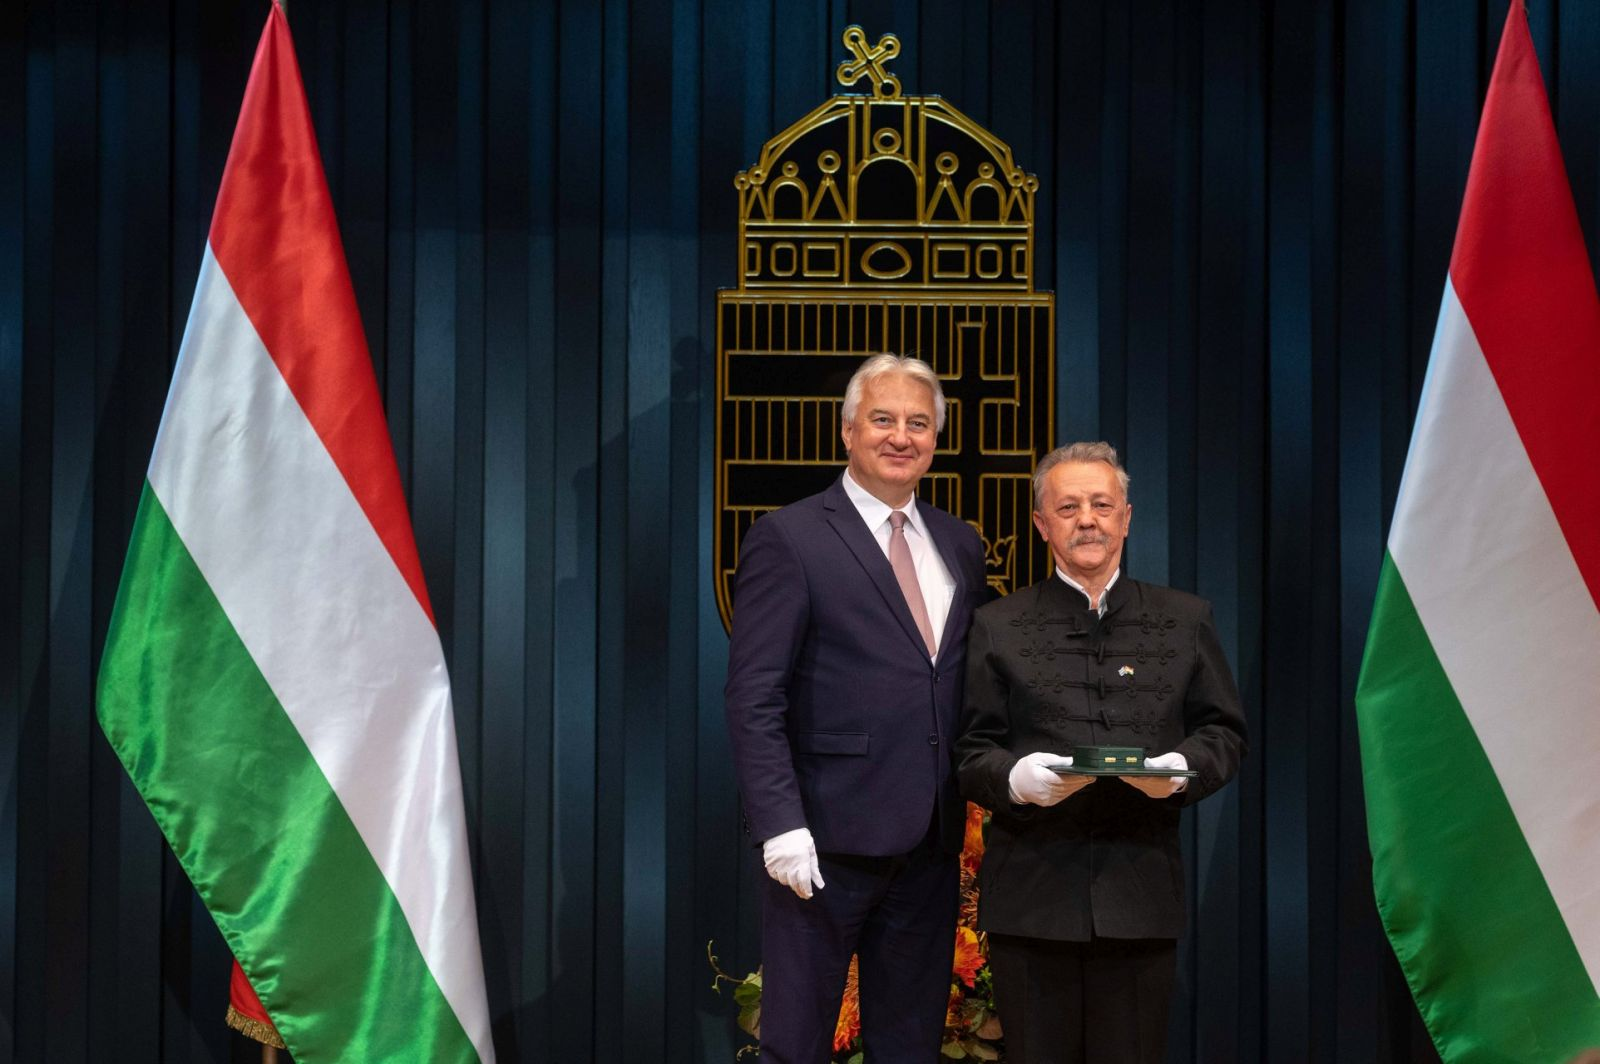 Magas rangú állami kitüntetést kapott Dr. Szekeres Sándor